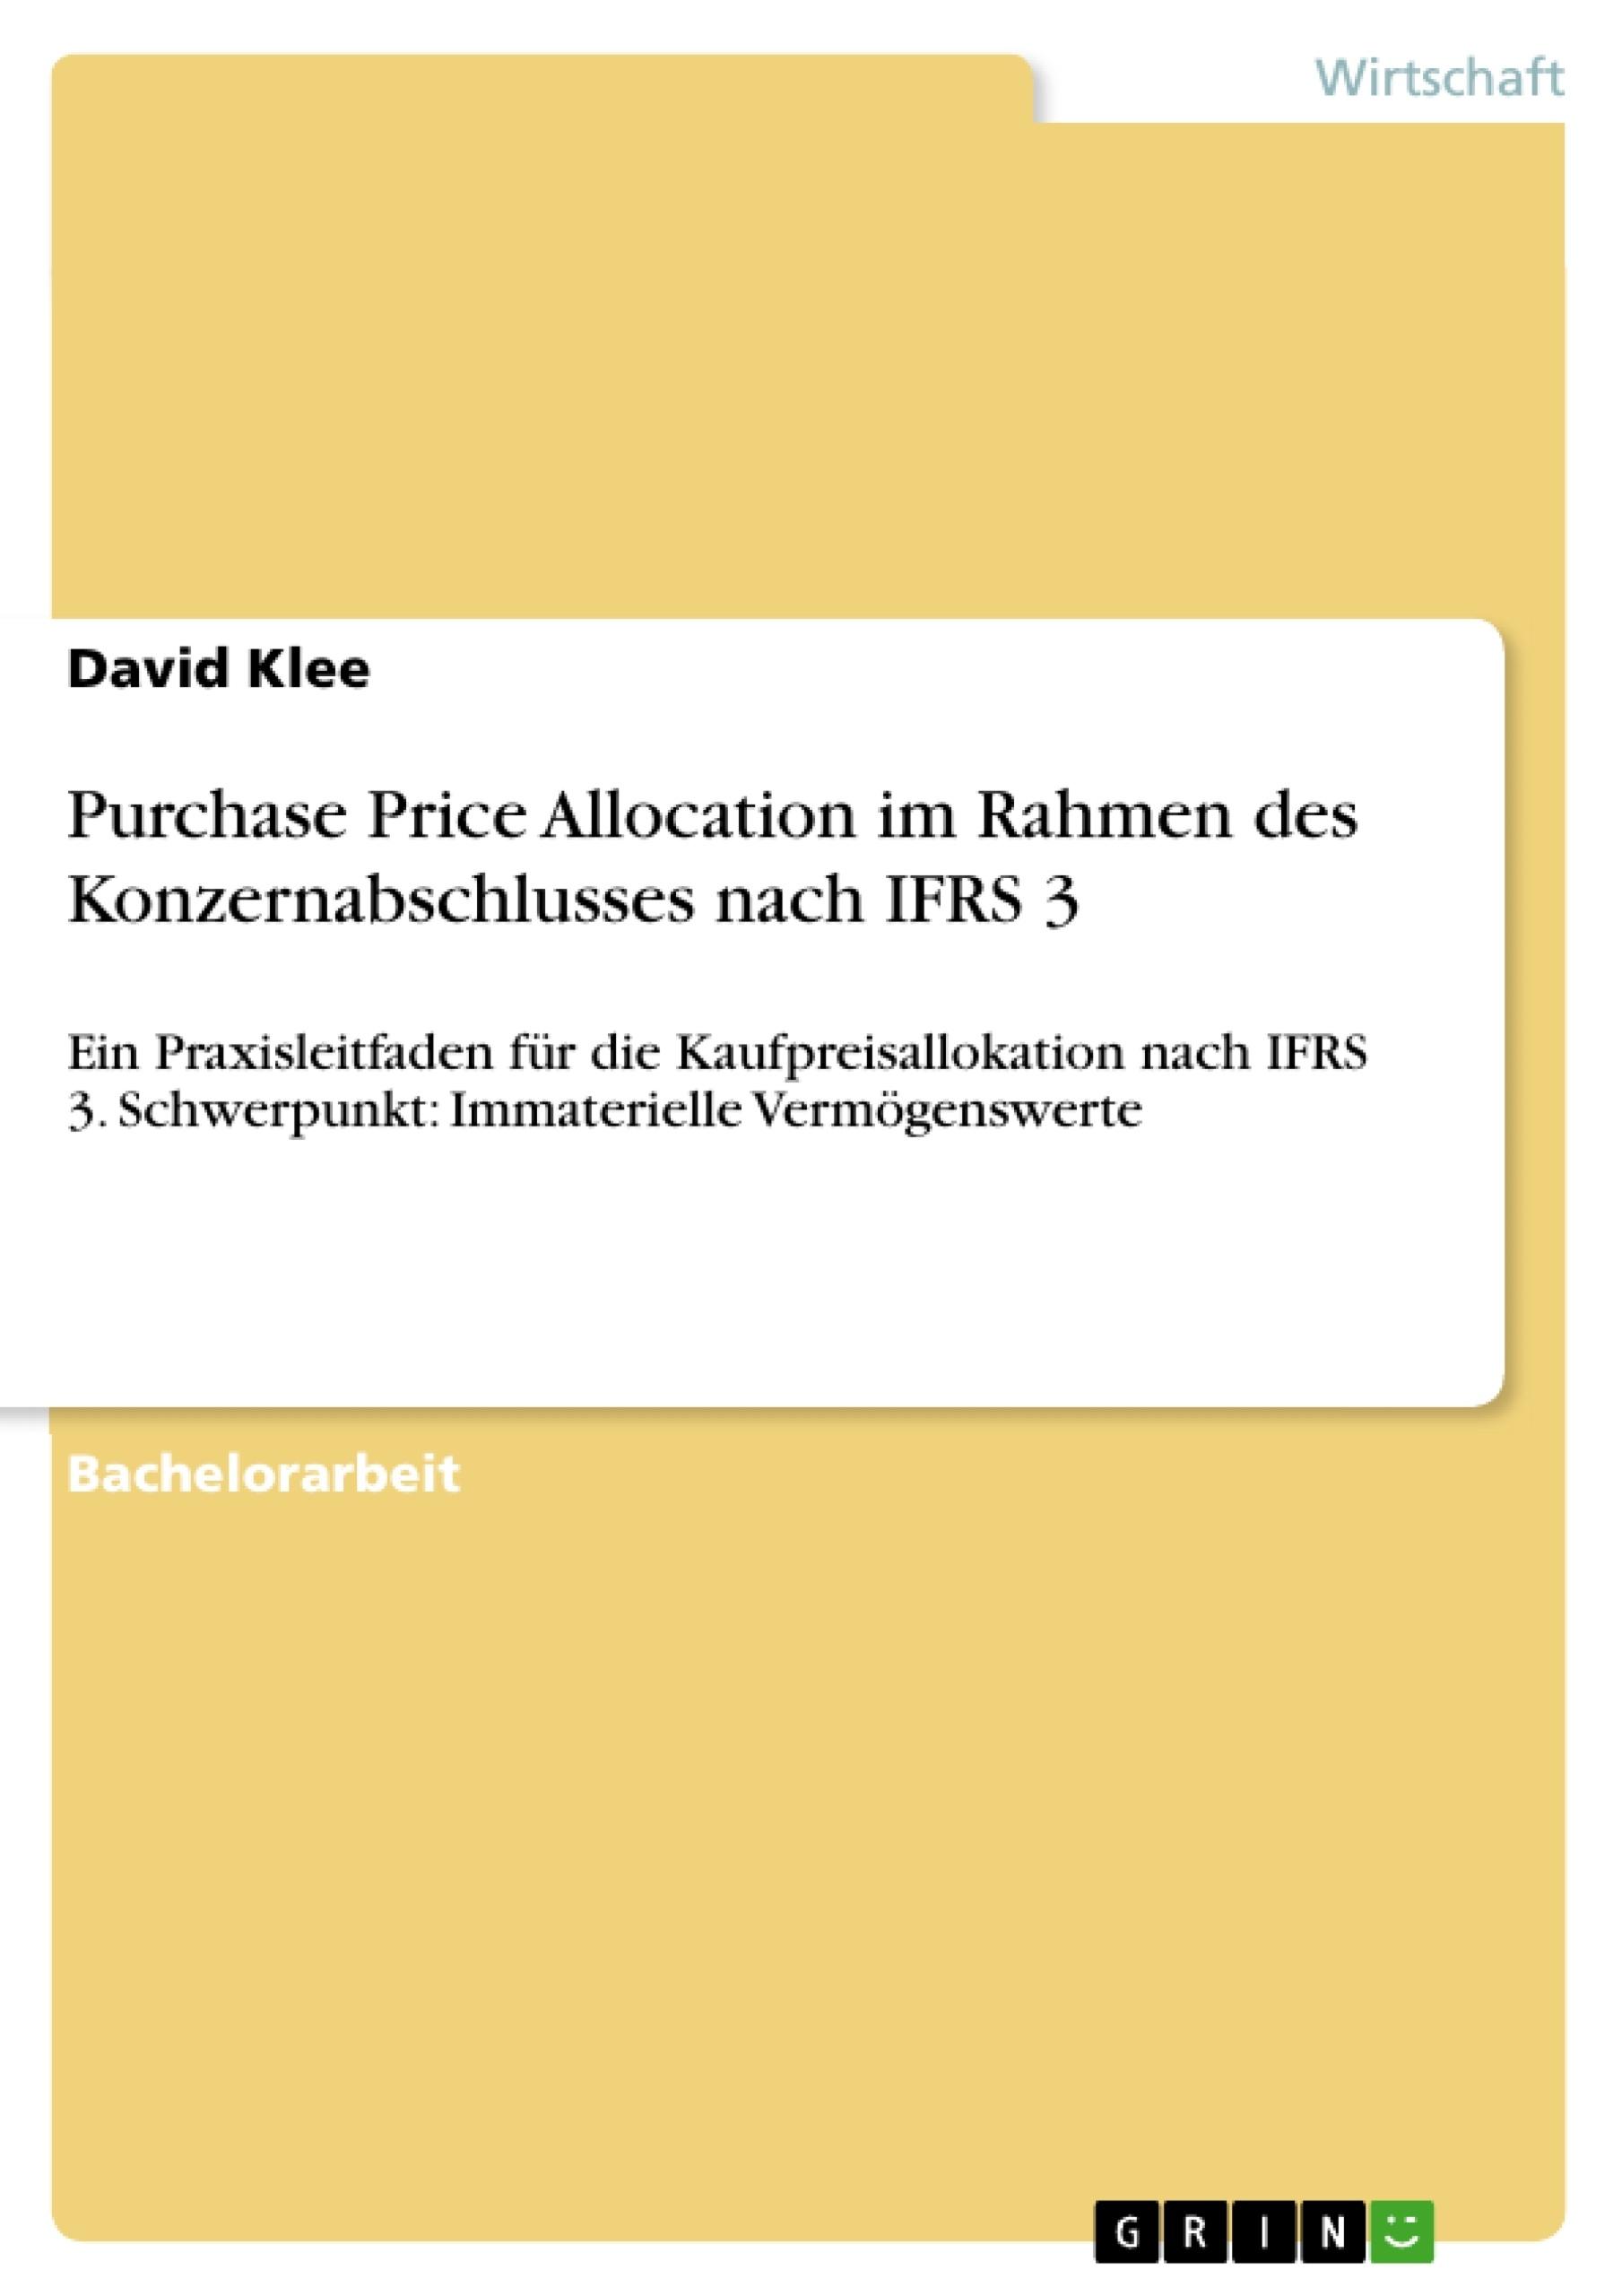 Titel: Purchase Price Allocation im Rahmen des Konzernabschlusses nach IFRS 3